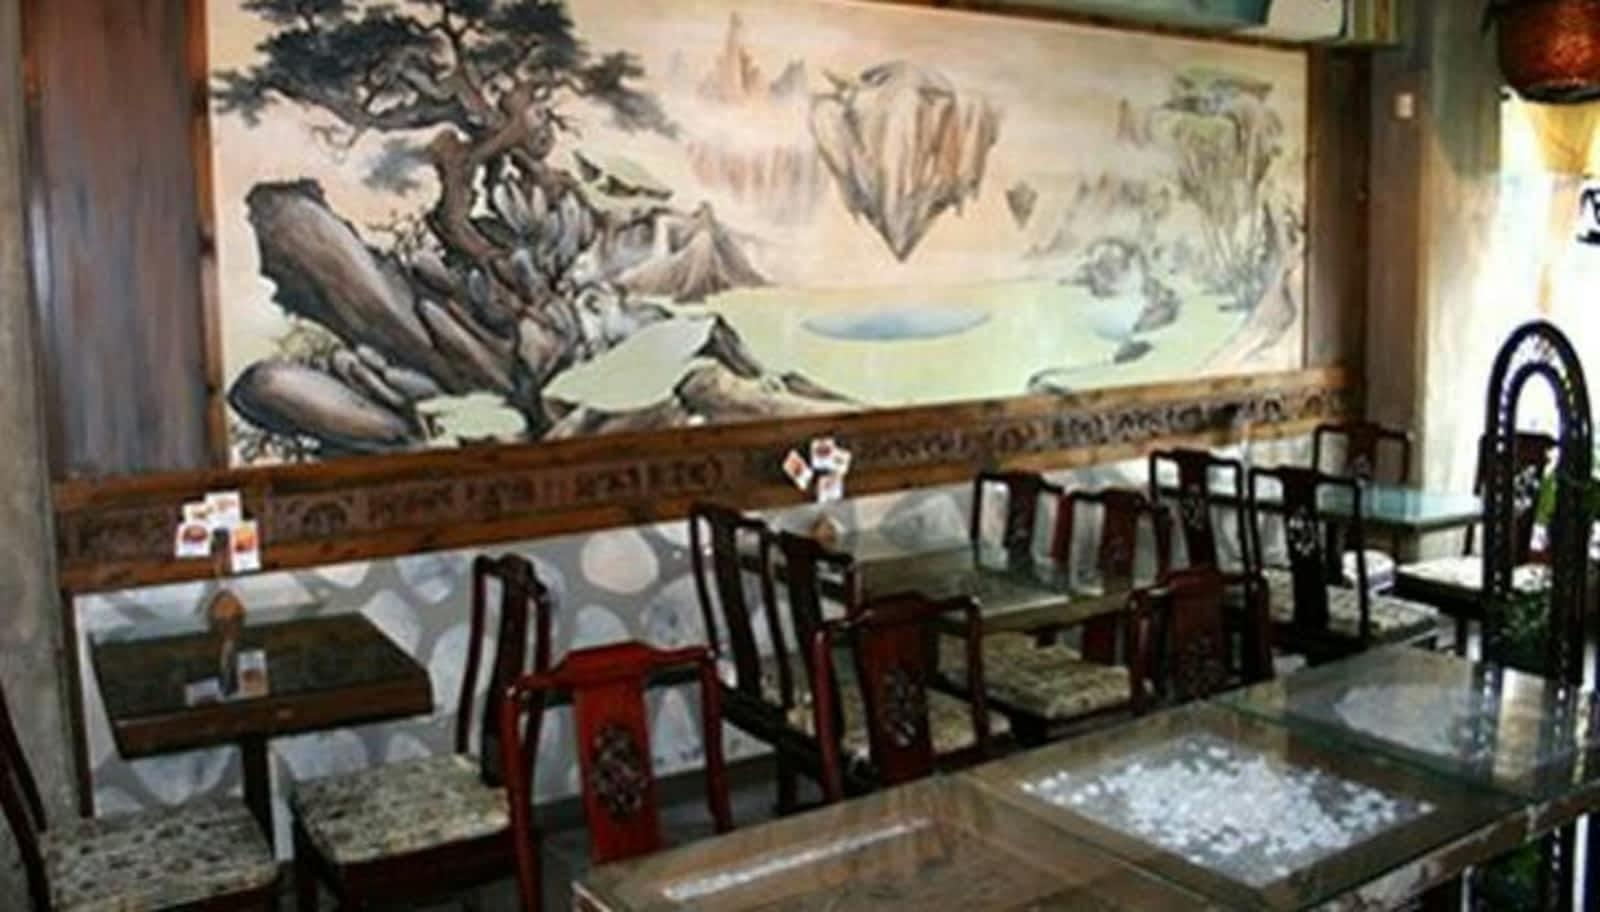 Bubble Tea & Me - Opening Hours - 7330 Yonge St, Thornhill, ON on korean tea house, backyard tea house, victorian tea house, mt. huashan tea house, indian house, building a tea house, taiwan tea house, asian house, thai tea house, japanese house, lake louise tea house, dim sum house, pearl tea house, ma tea house, modern tea house, tapioca house, ergo tea house, english tea house, italian house, pho house,